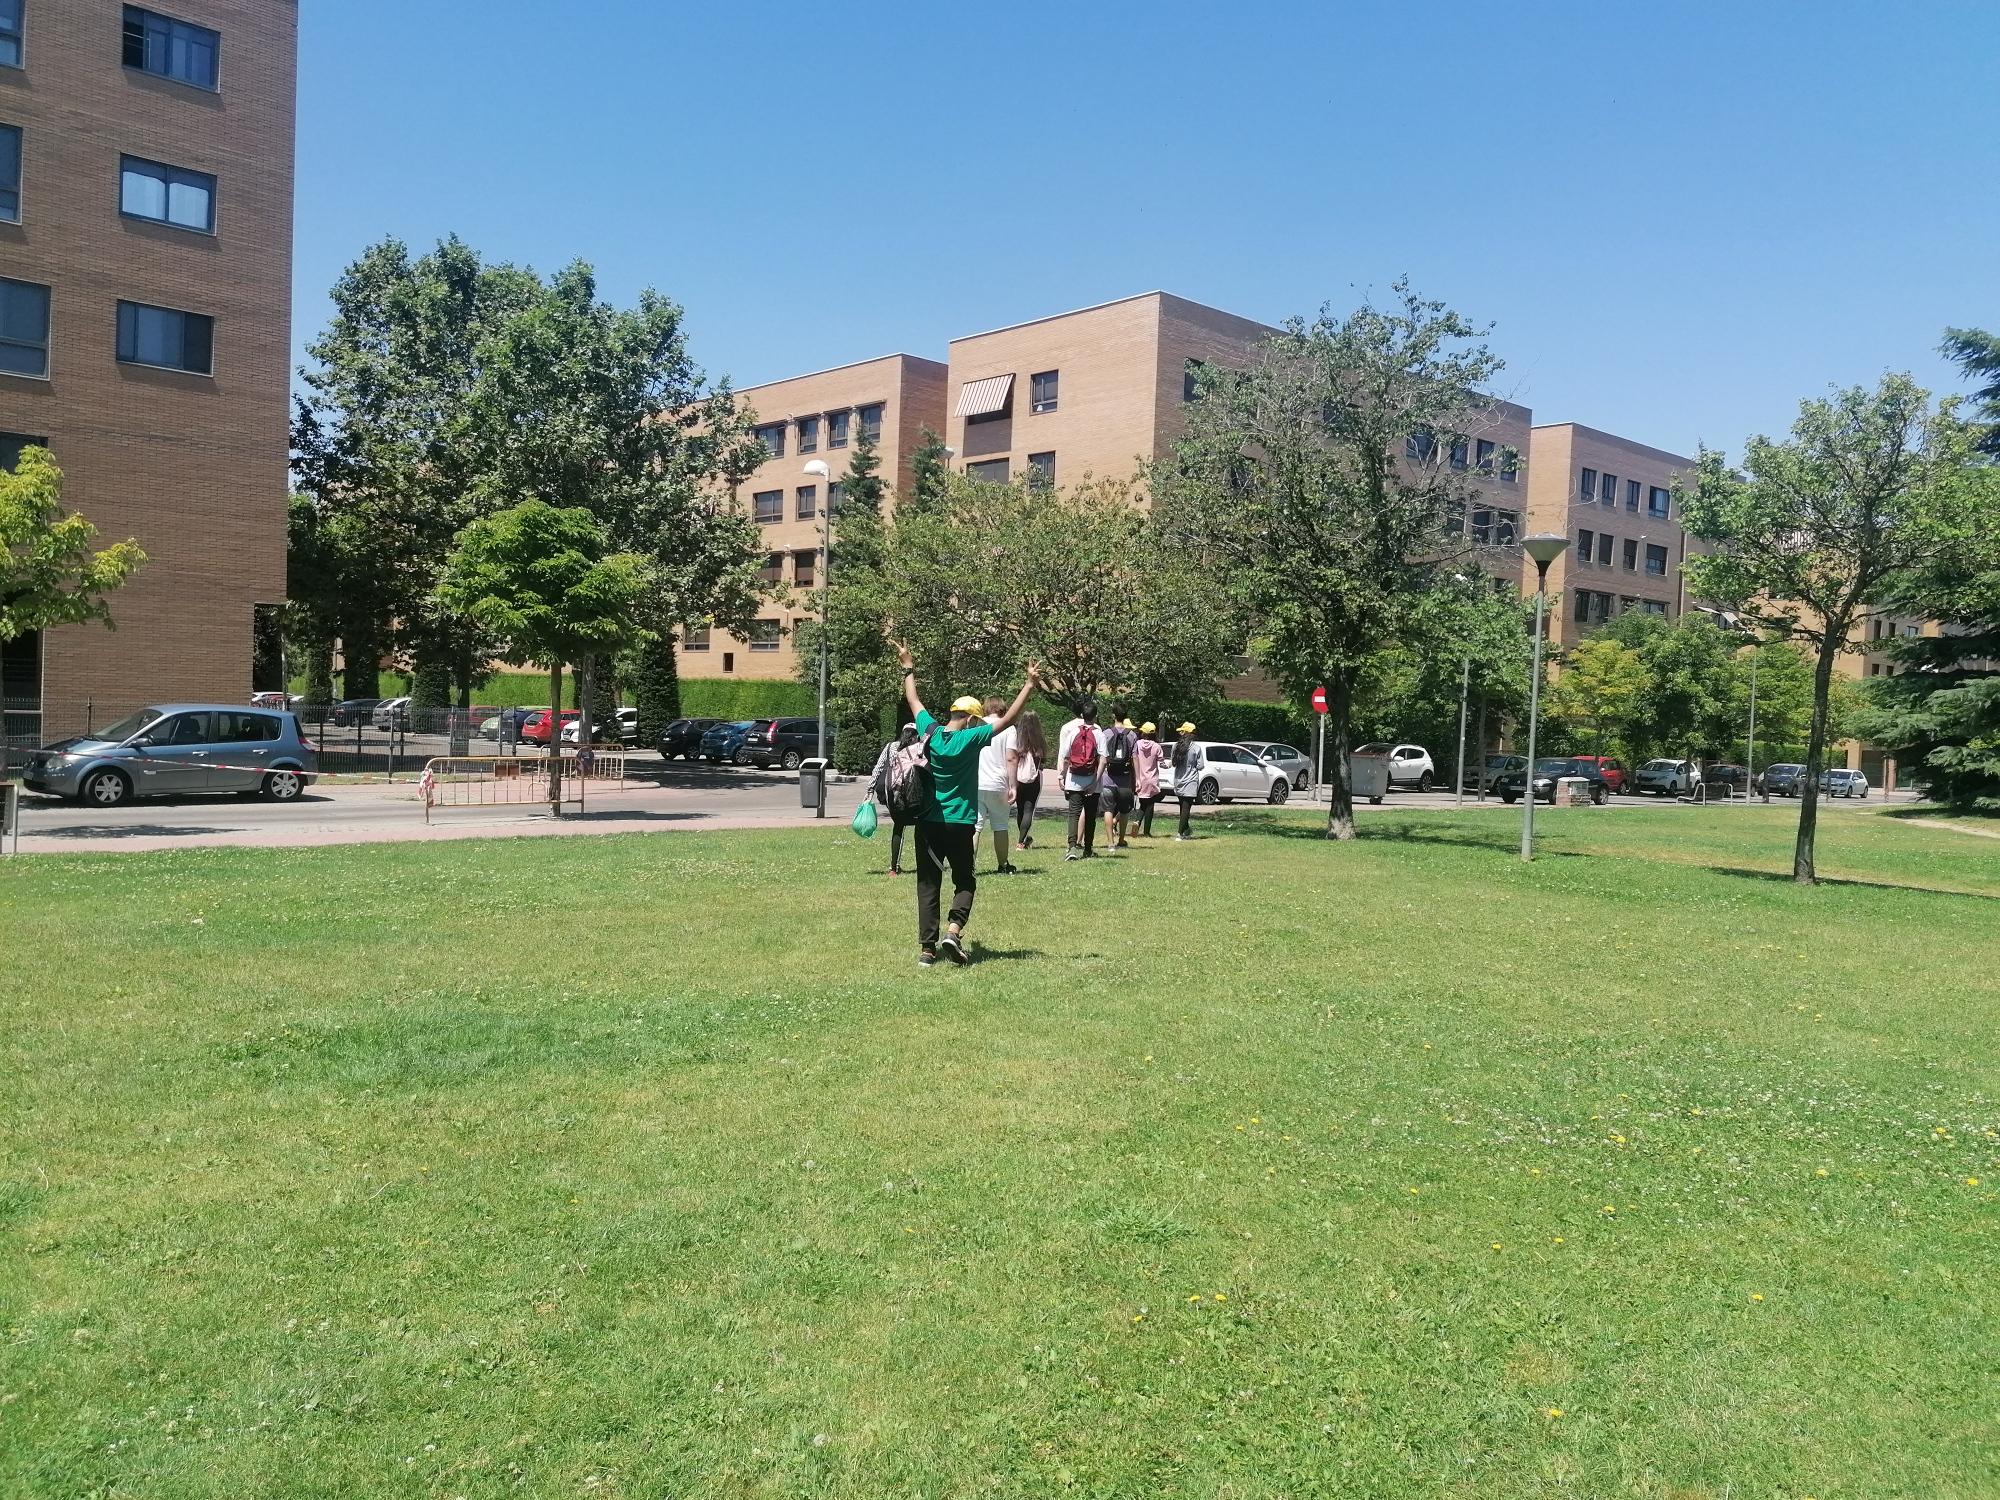 Grupo de jóvenes en una superficie de césped, alejándose, de espaldas, hacia unos edificios